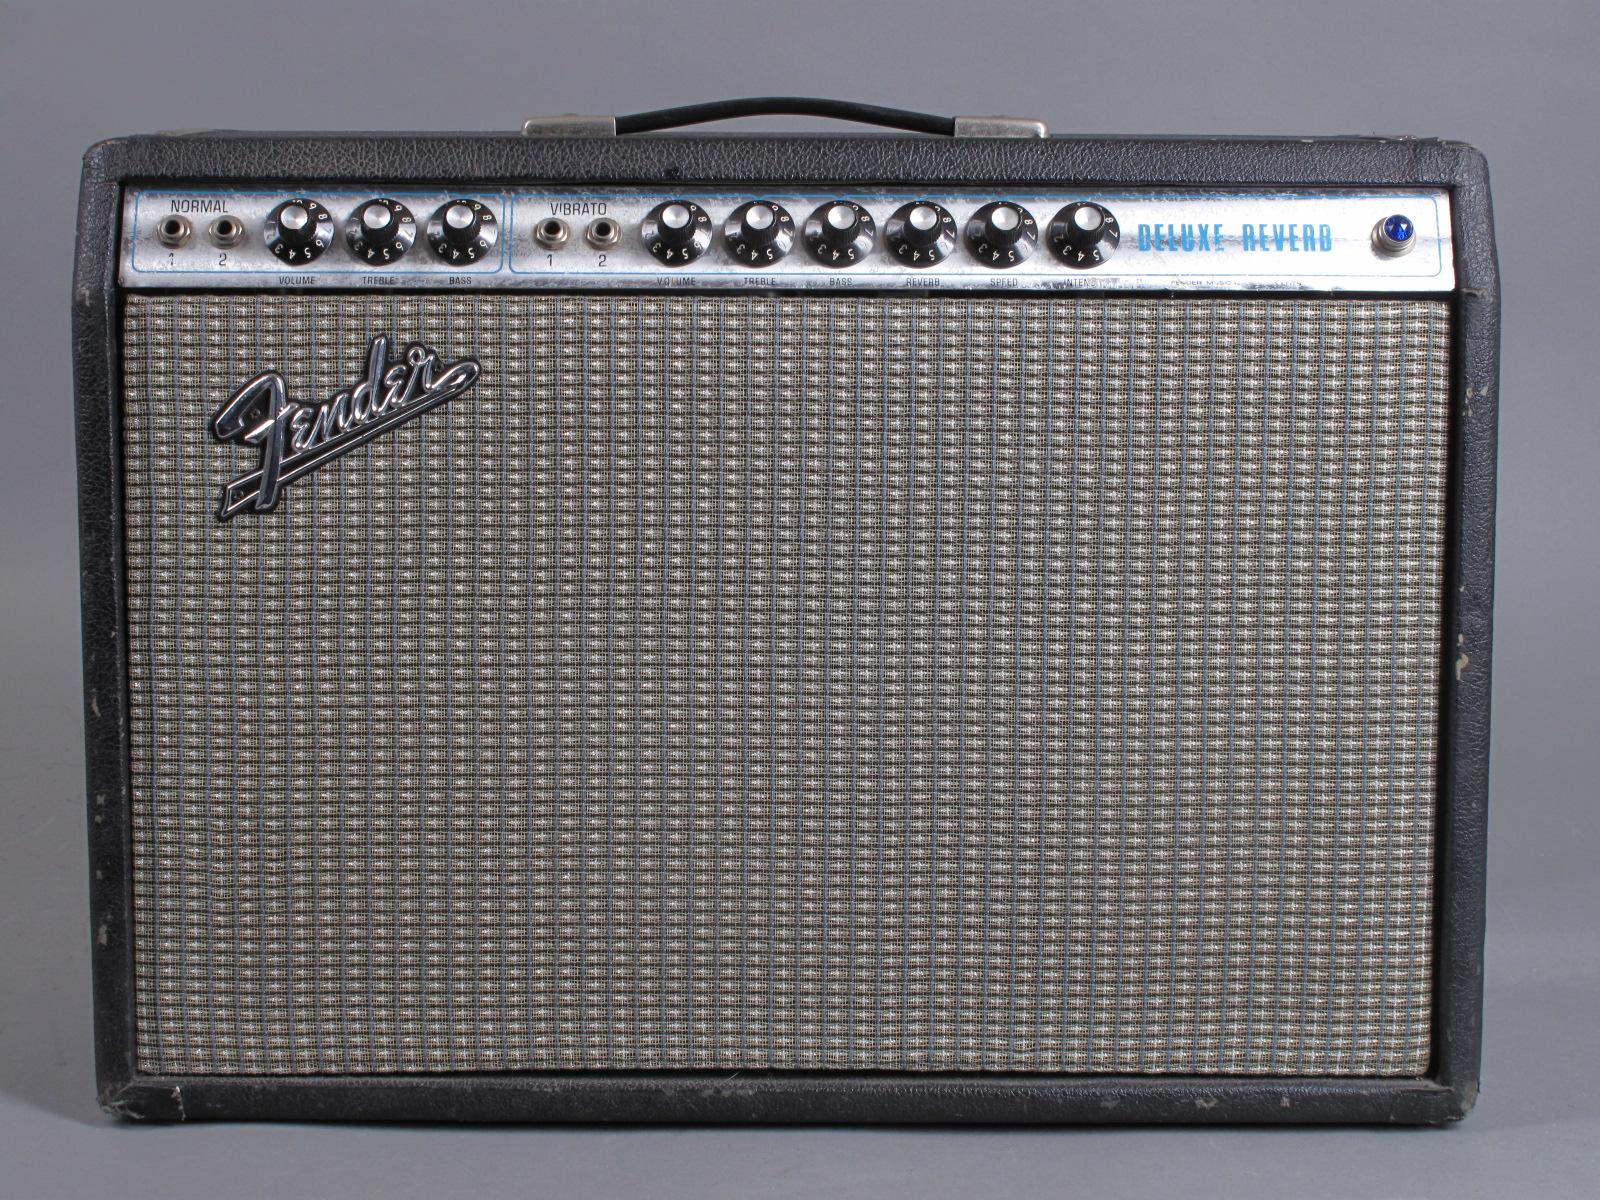 1973 Fender Deluxe Reverb